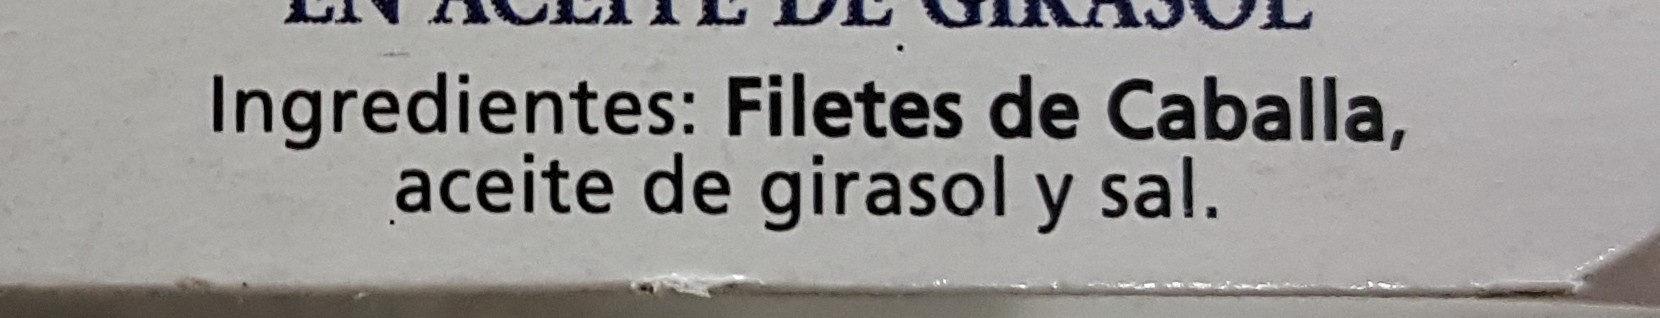 Filetes de caballa del sur - Ingrediënten - es